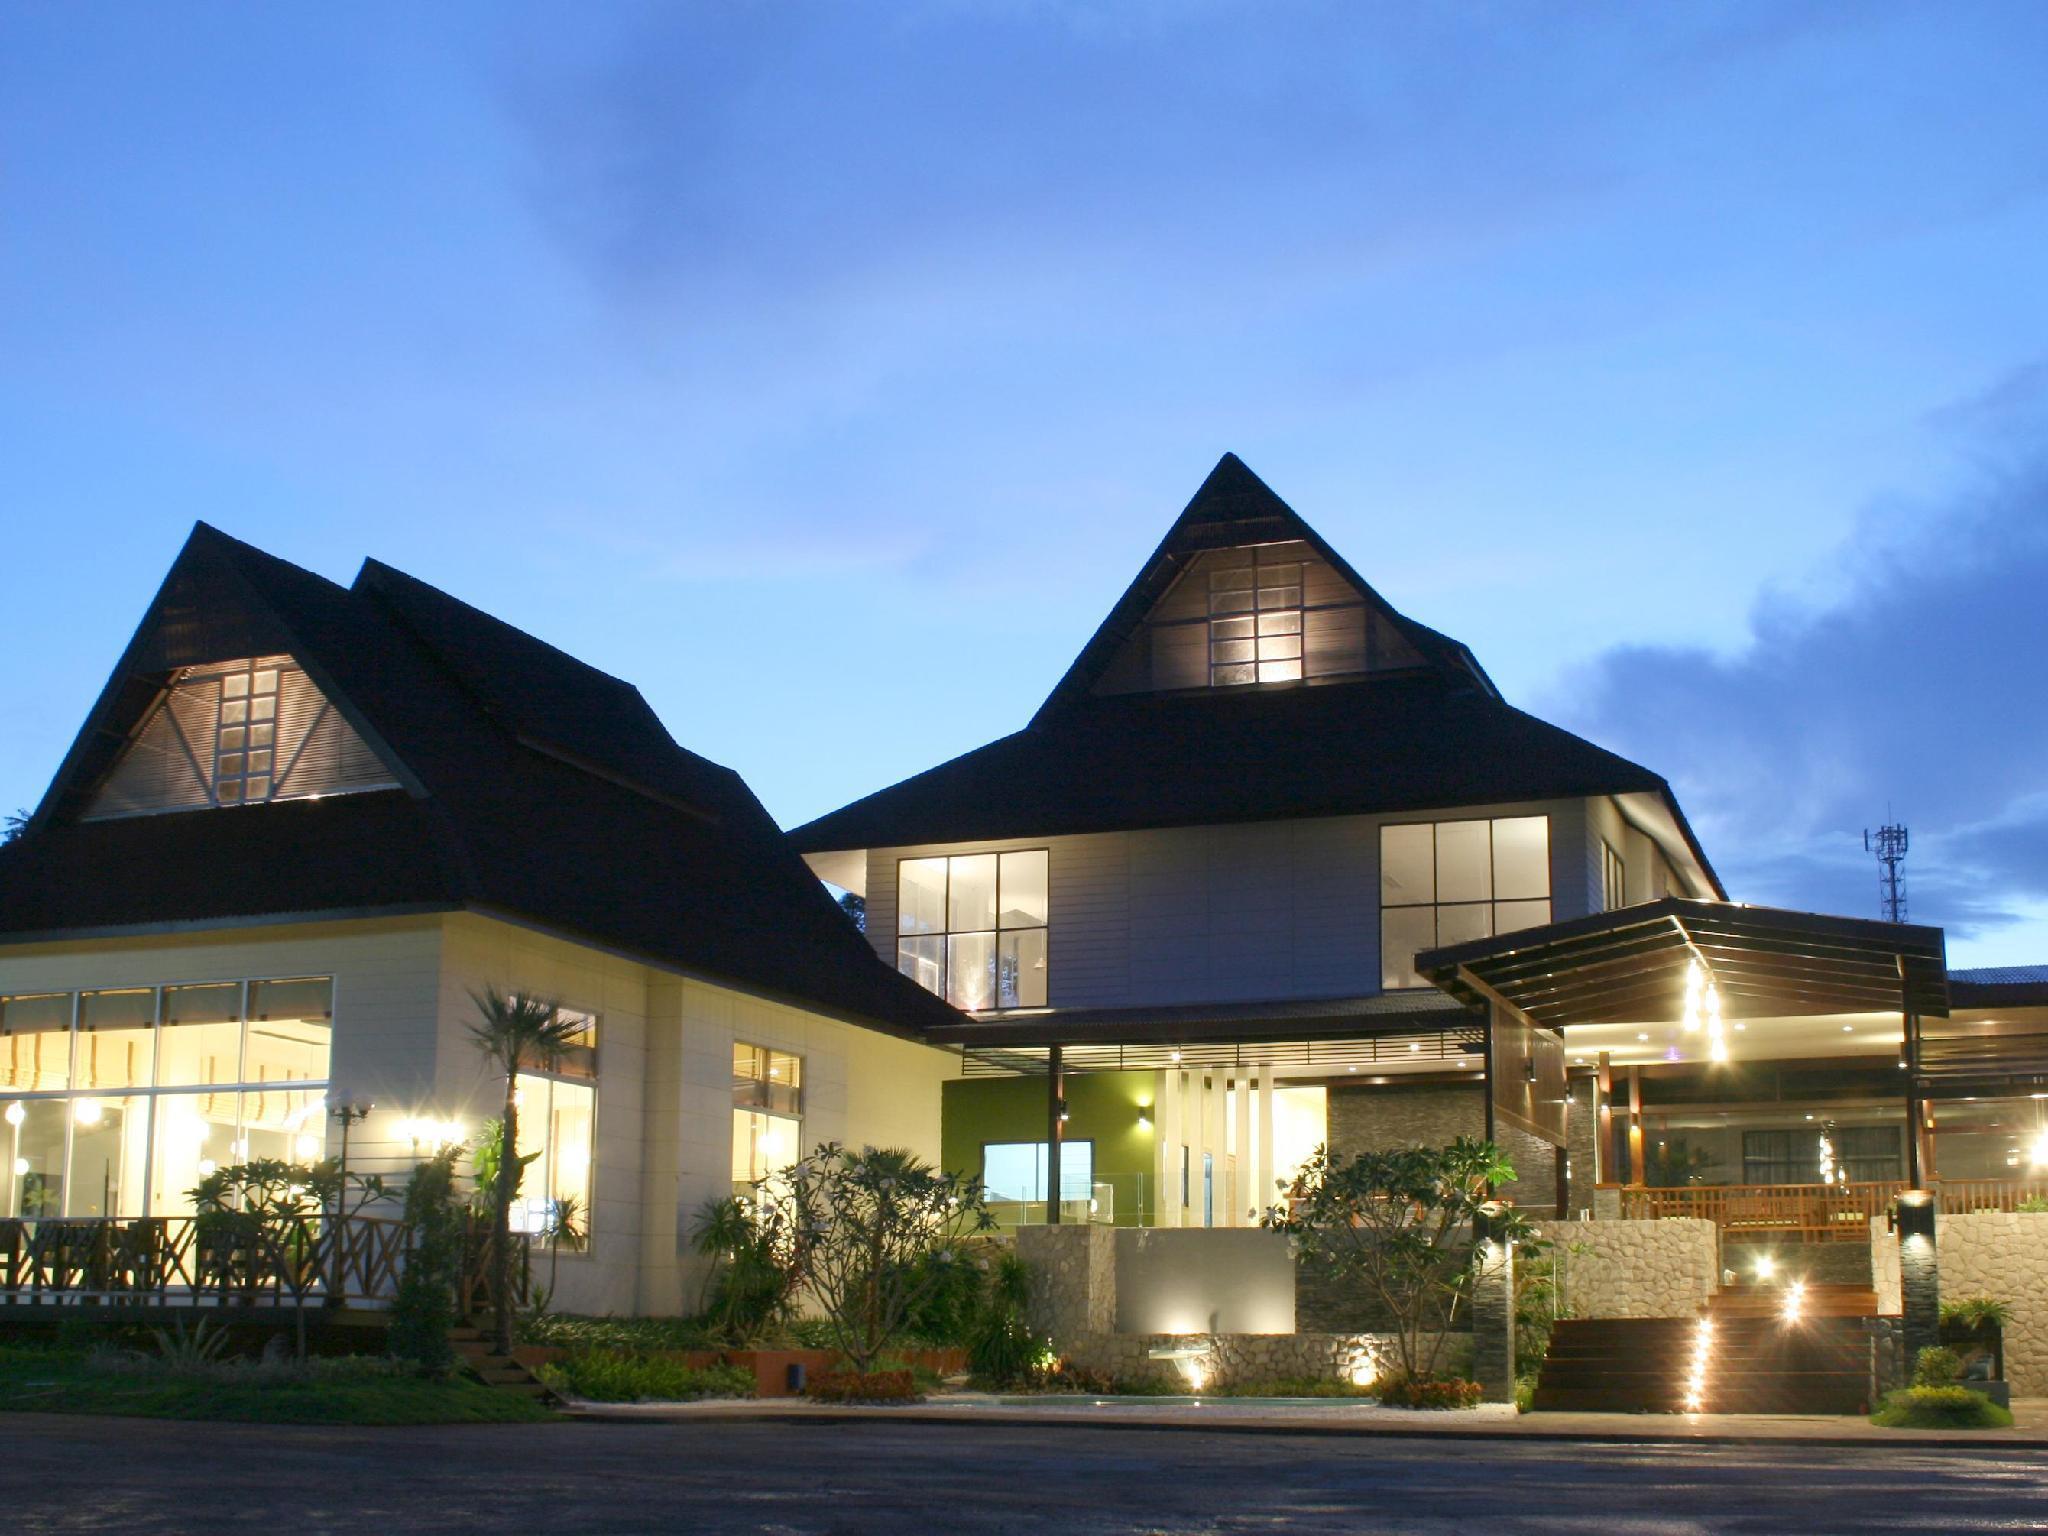 Aura Relaxing & Spa Hotel โรงแรมออร่า รีแลคซิ่ง แอนด์ สปา